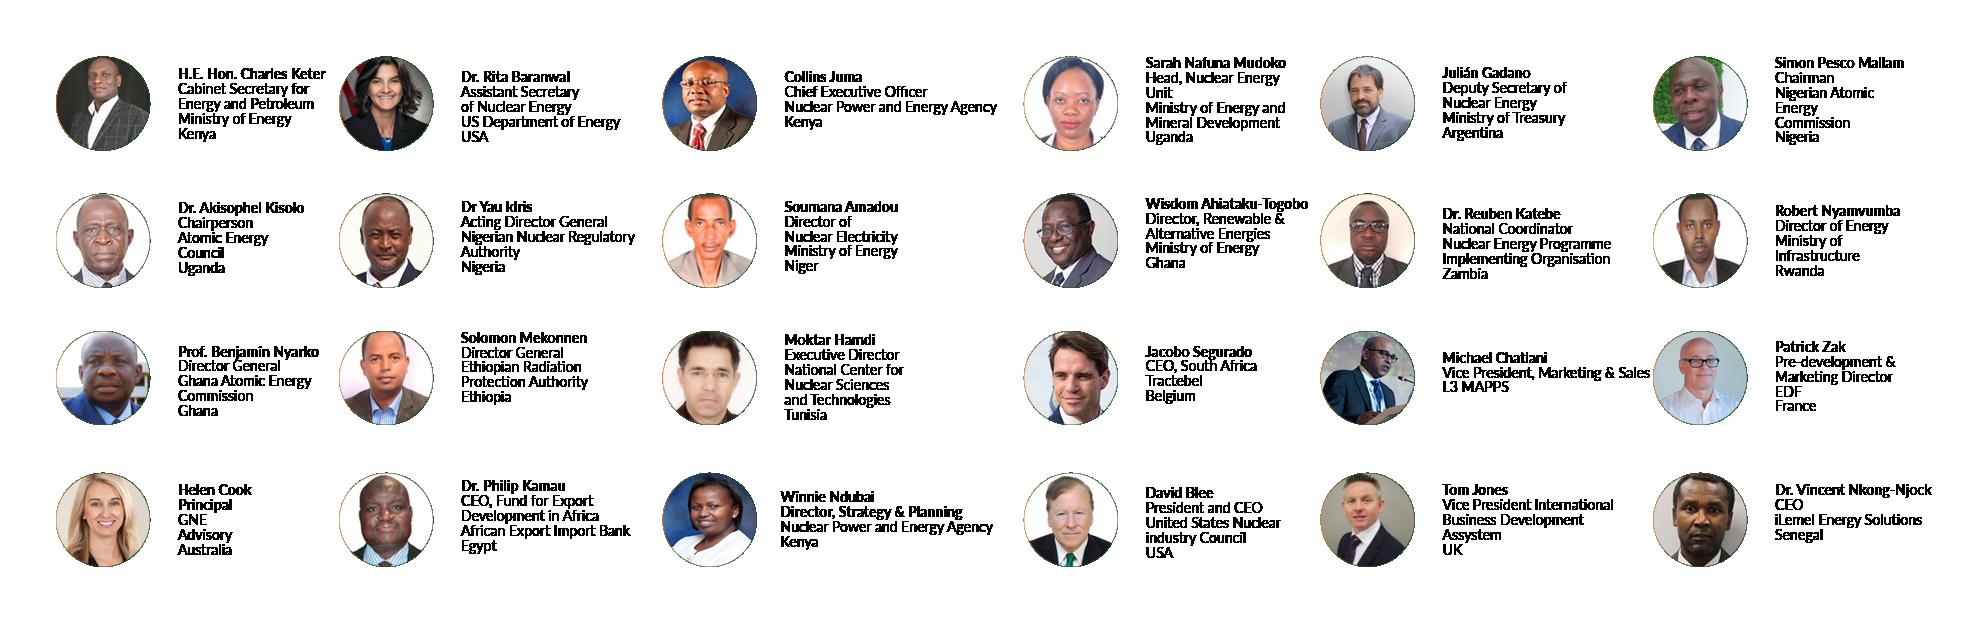 2019非洲核能论坛(内罗毕)